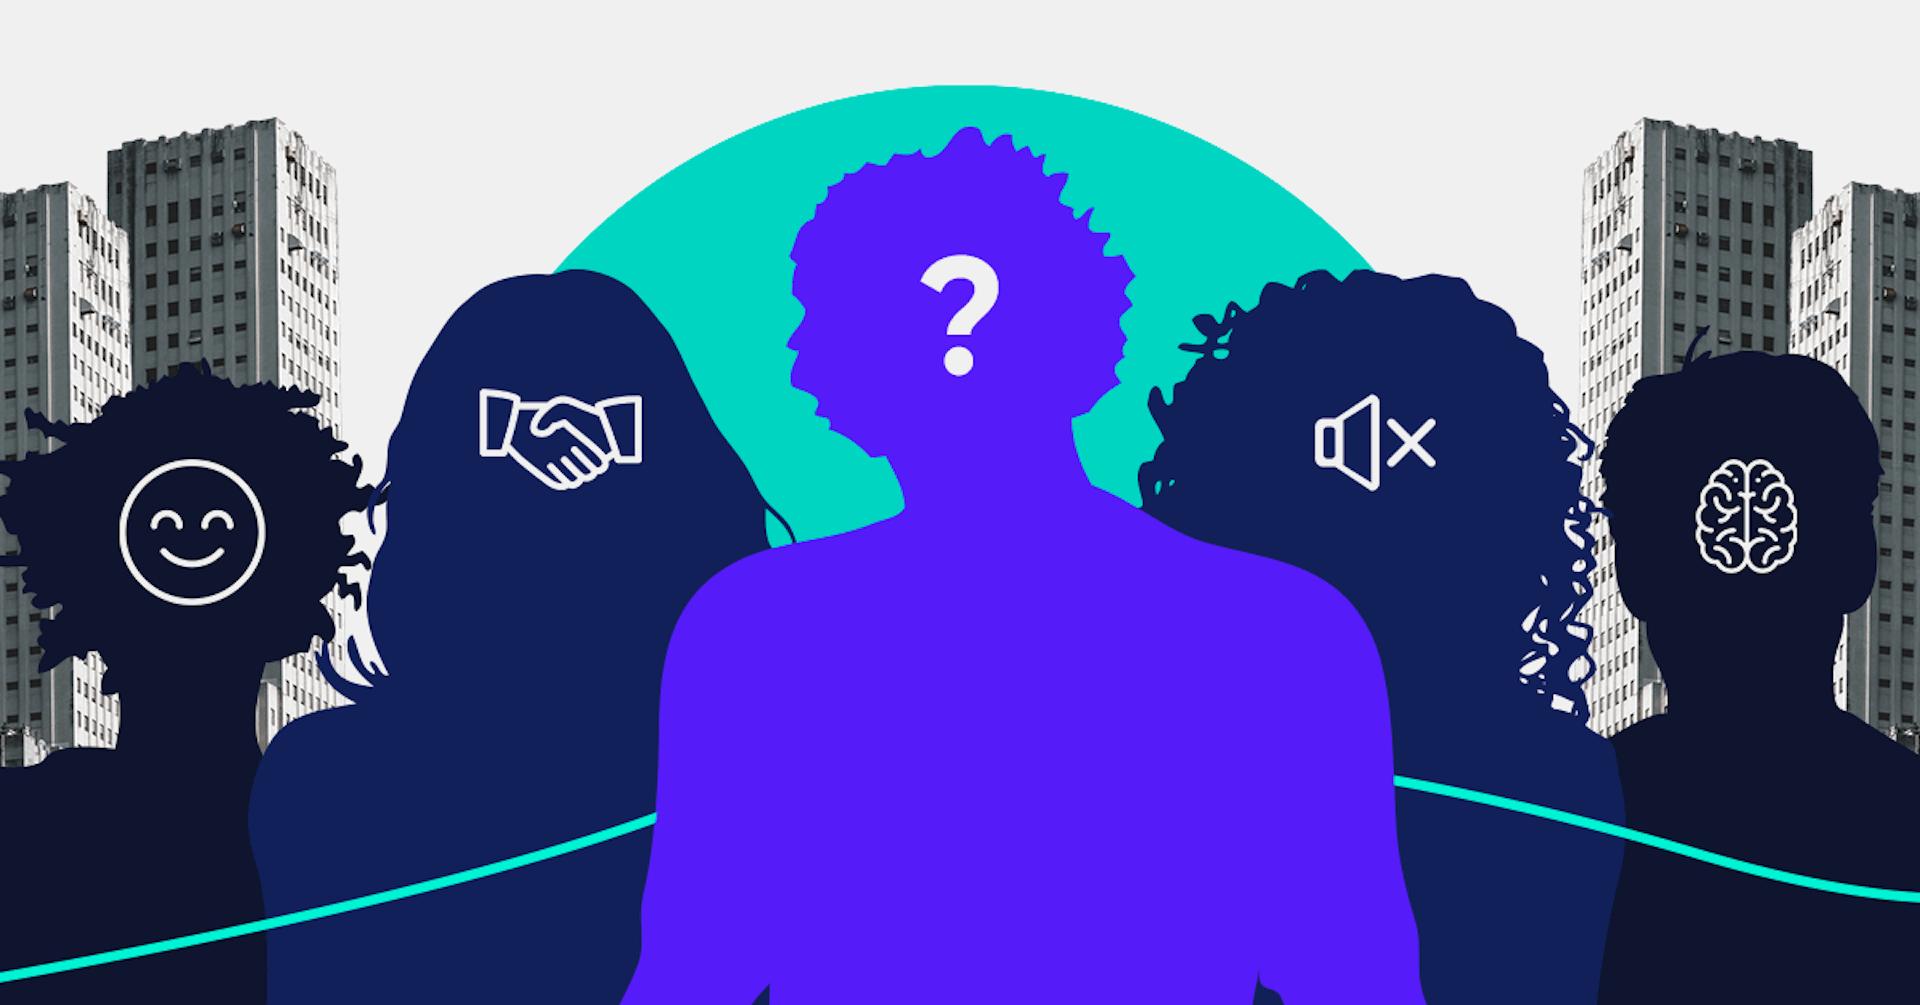 Tipos de clientes: ¿Cuáles son y cómo manejarlos cuando llegan a tu empresa?